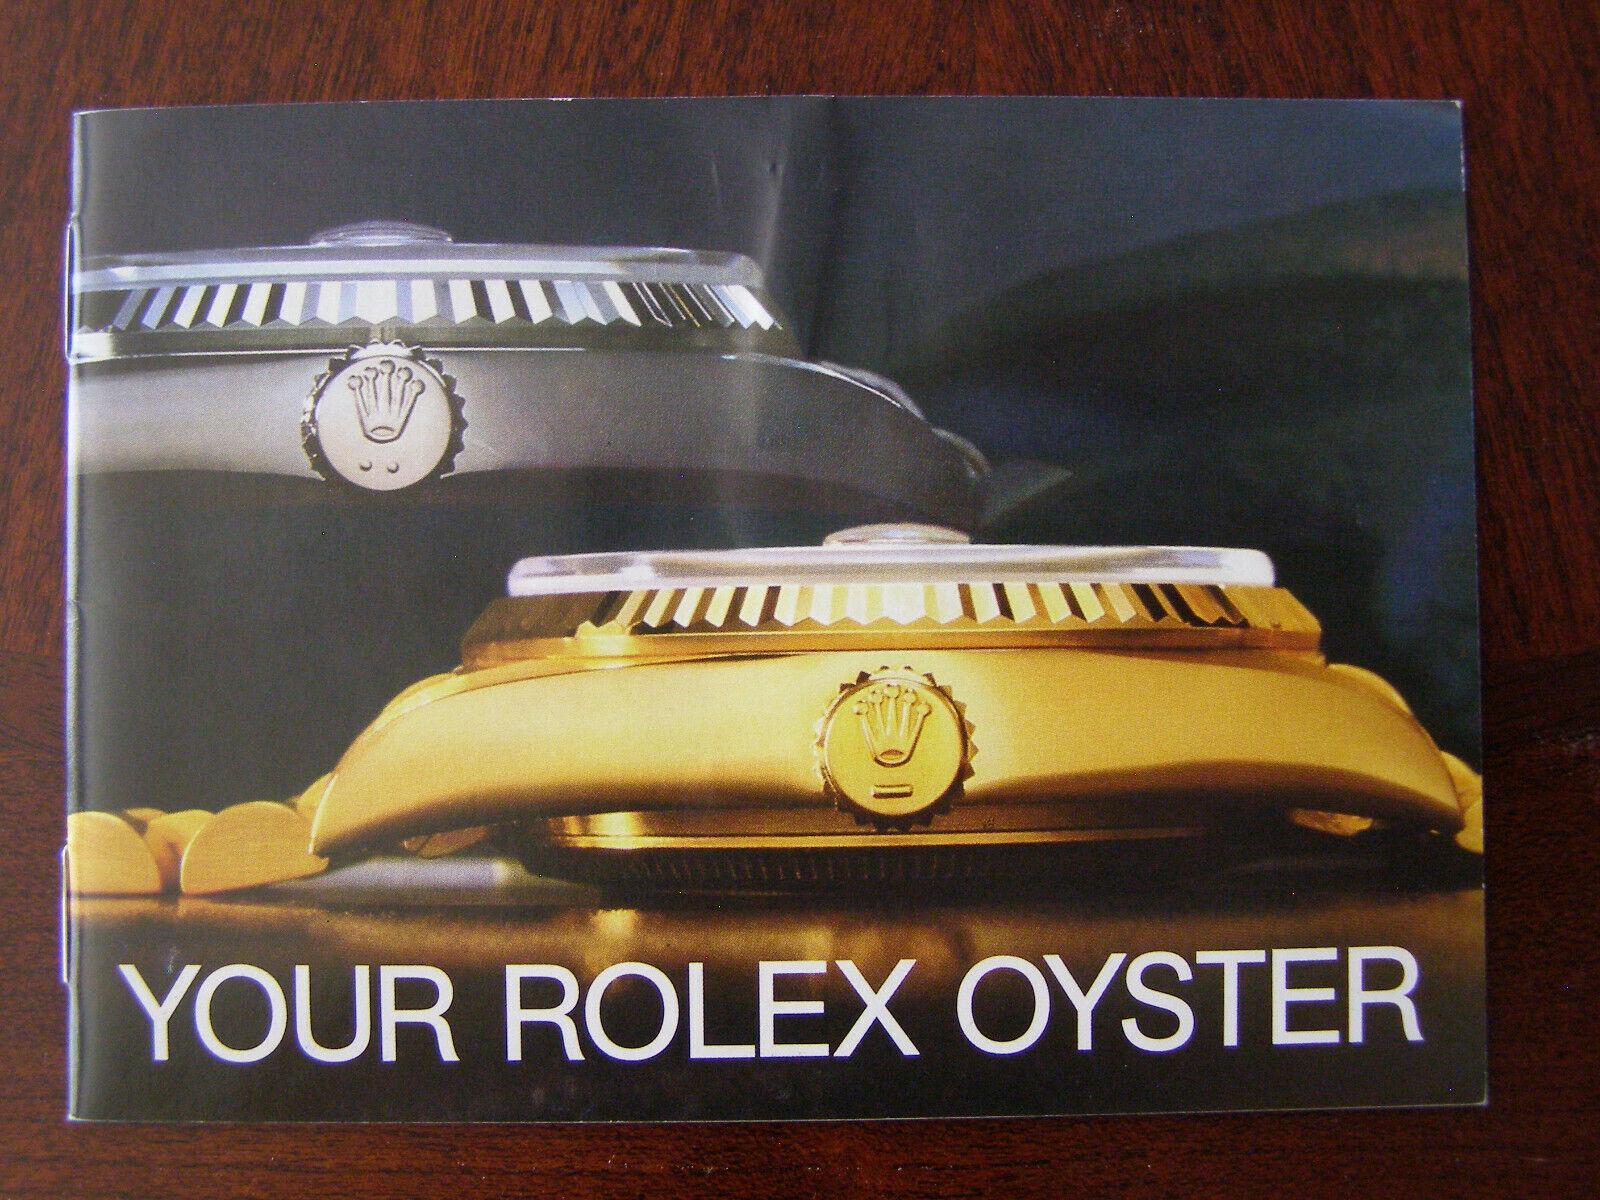 Vintage 1986 Genuine Rolex Oyster Booklet  - $39.99